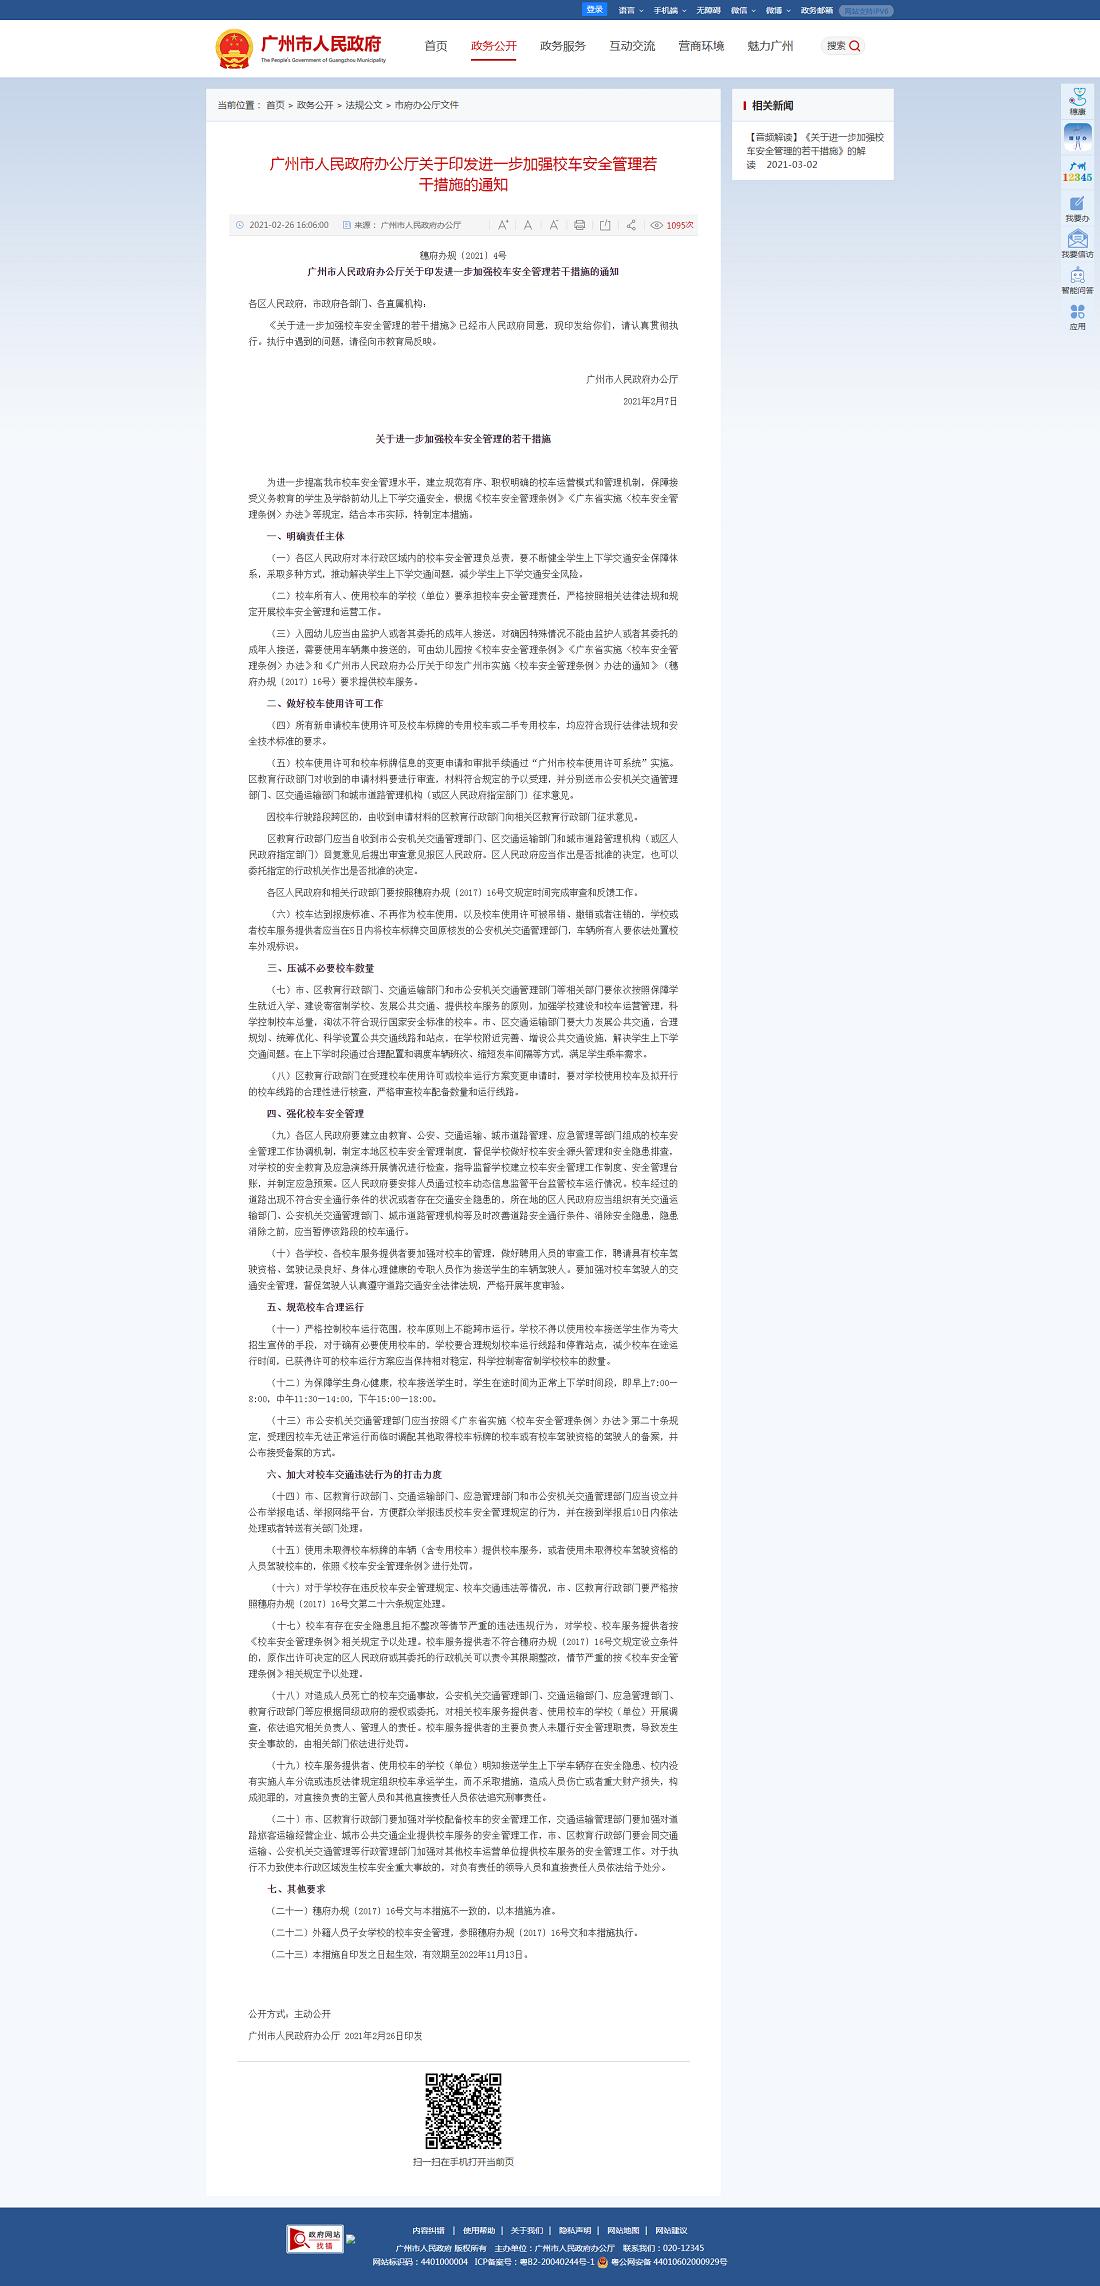 广州市人民政府办公厅关于印发进一步加强校车安全管理若干措施的通知 - 广州市人民政府门户网站.1png.png